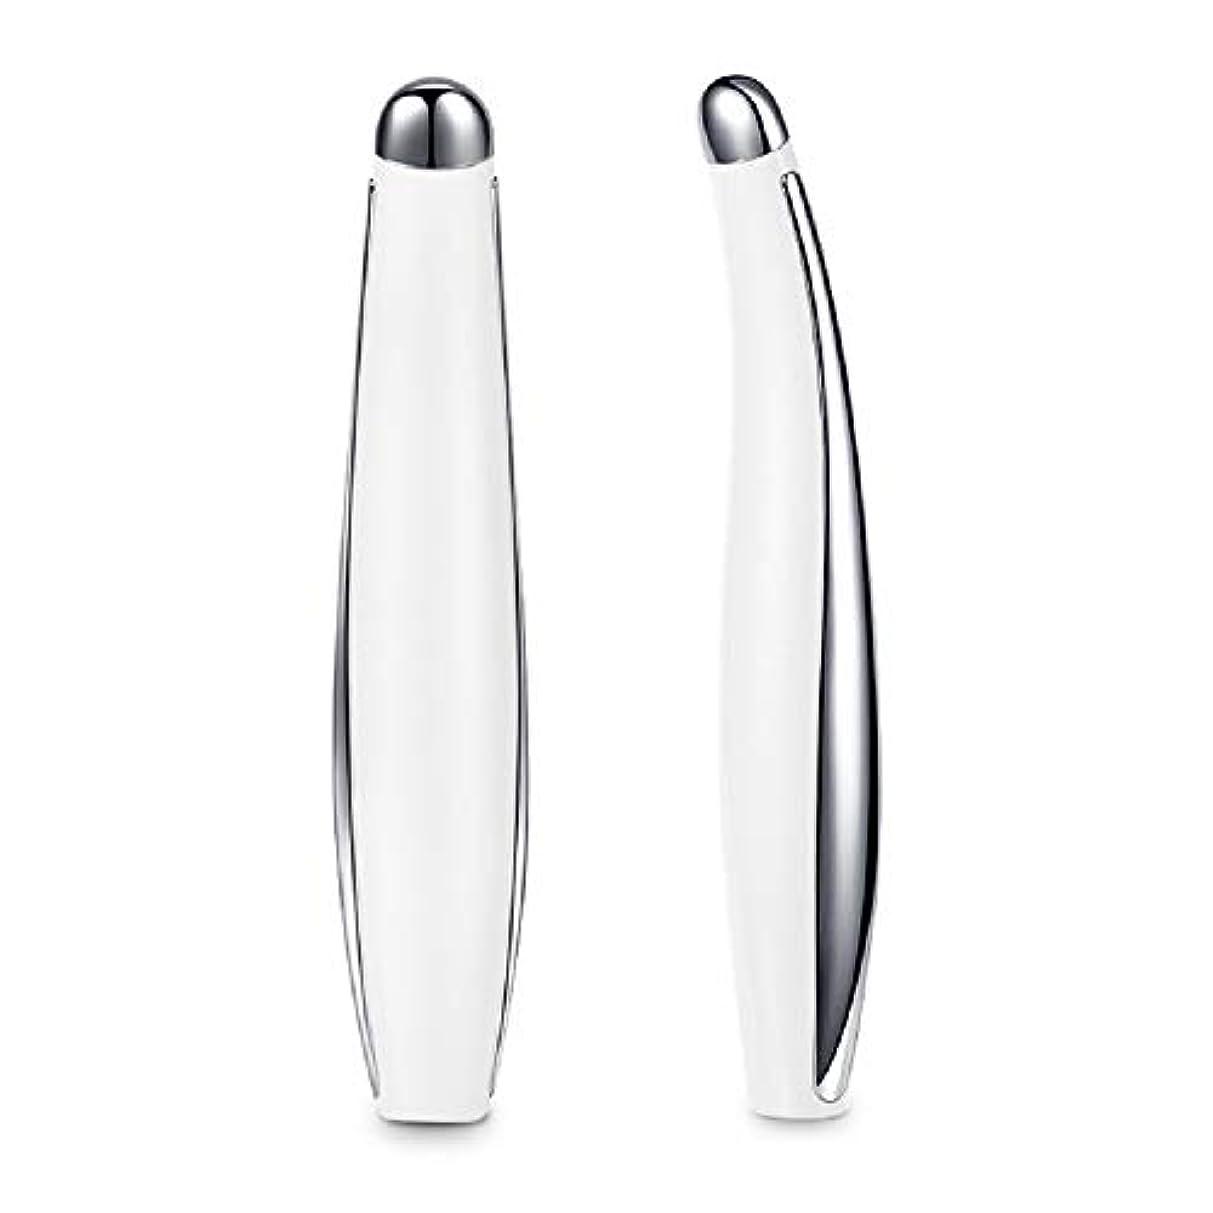 スピーチ依存する露出度の高いRuzzy 超軽量ファッションインテリジェント振動アイプロテクター、高度なソニックアイマッサージャー 購入へようこそ (Color : White)